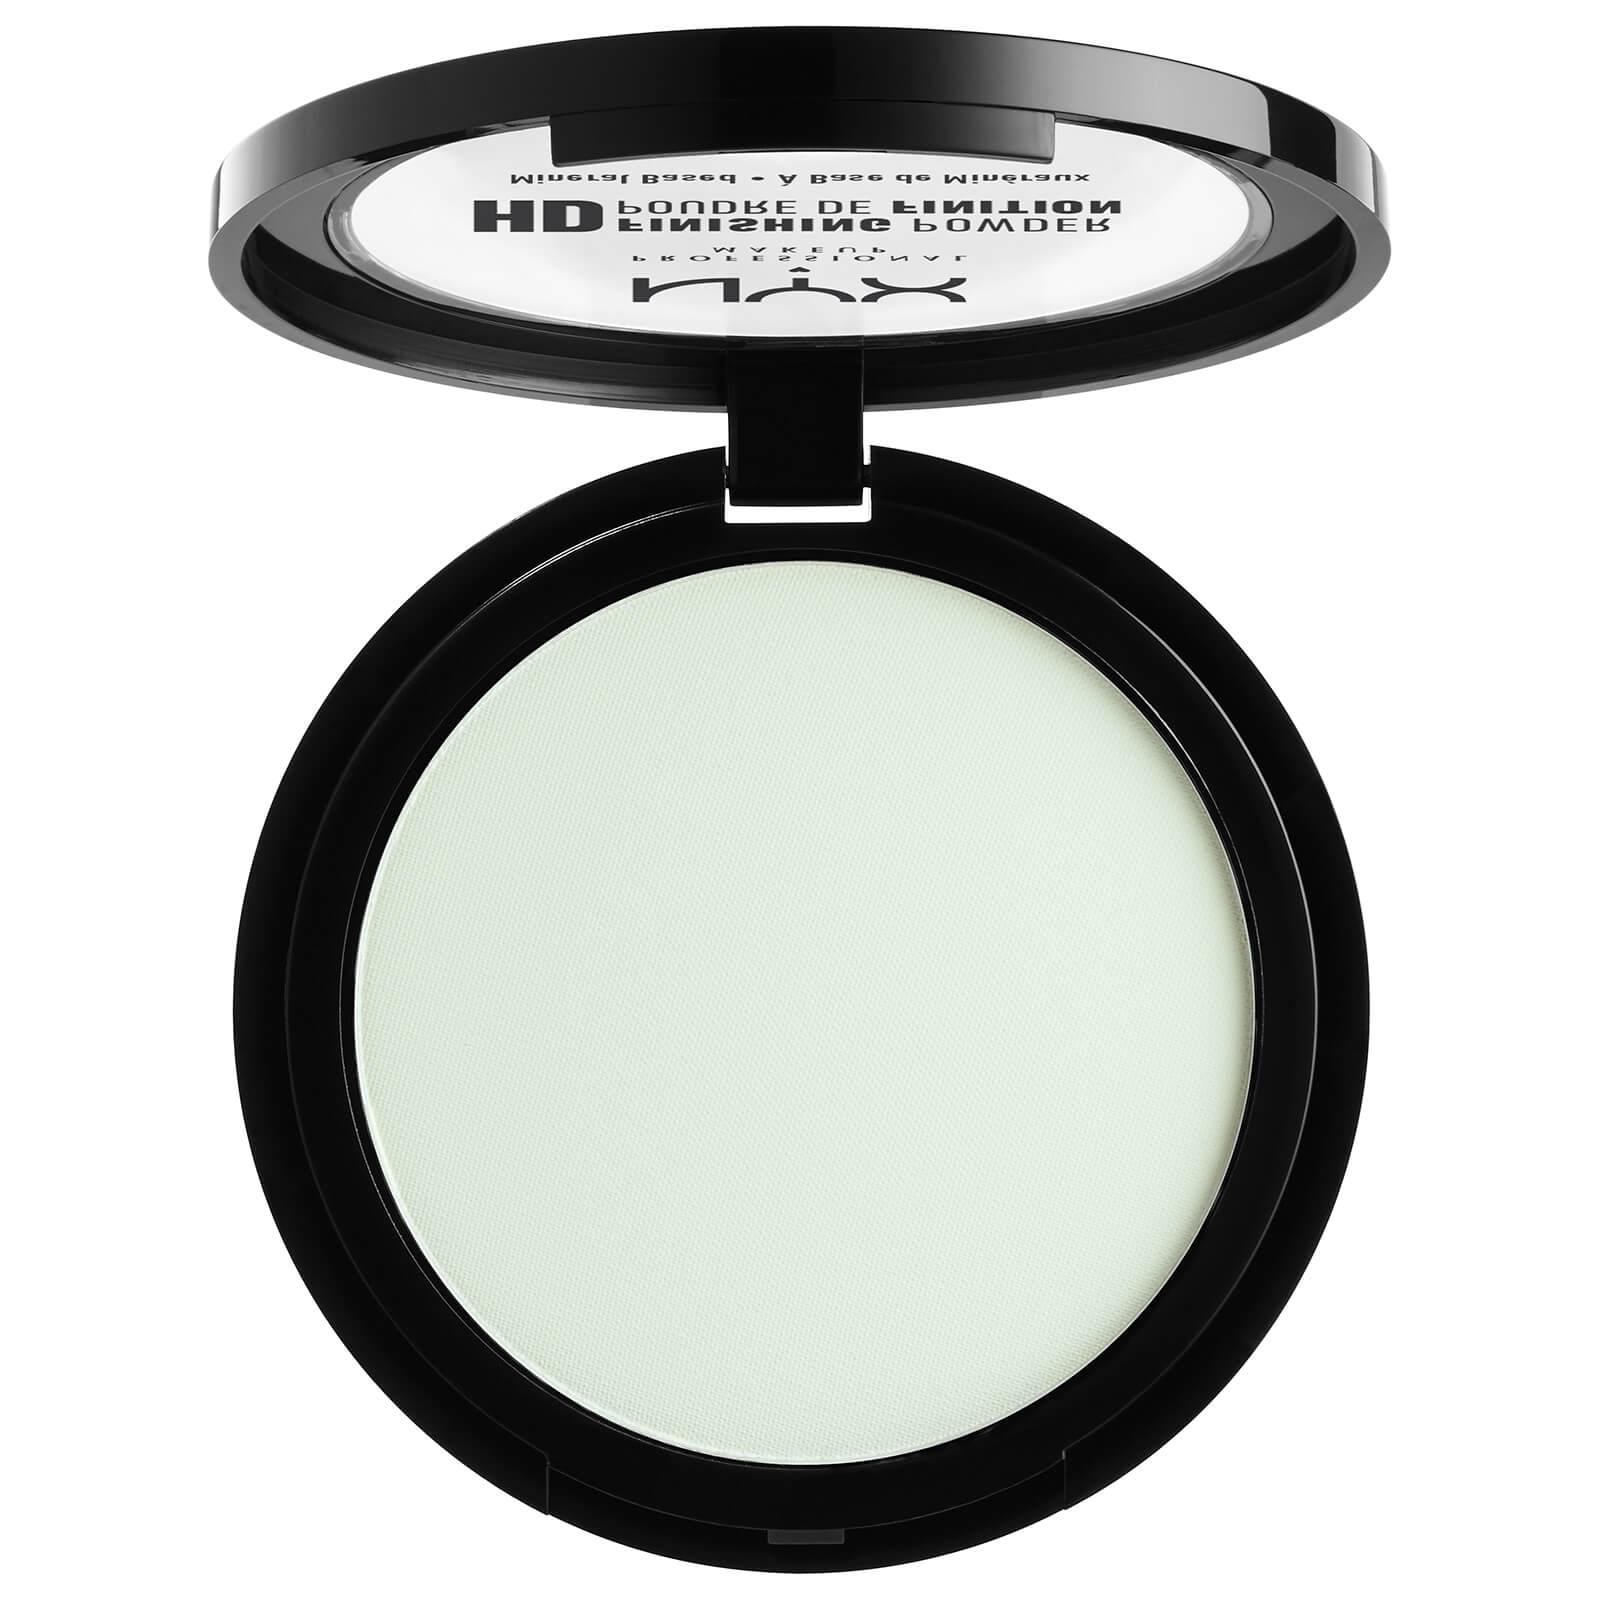 Купить Фиксирующая пудра для лица NYX Professional Makeup High Definition Finishing Powder (различные оттенки) - Mint Green